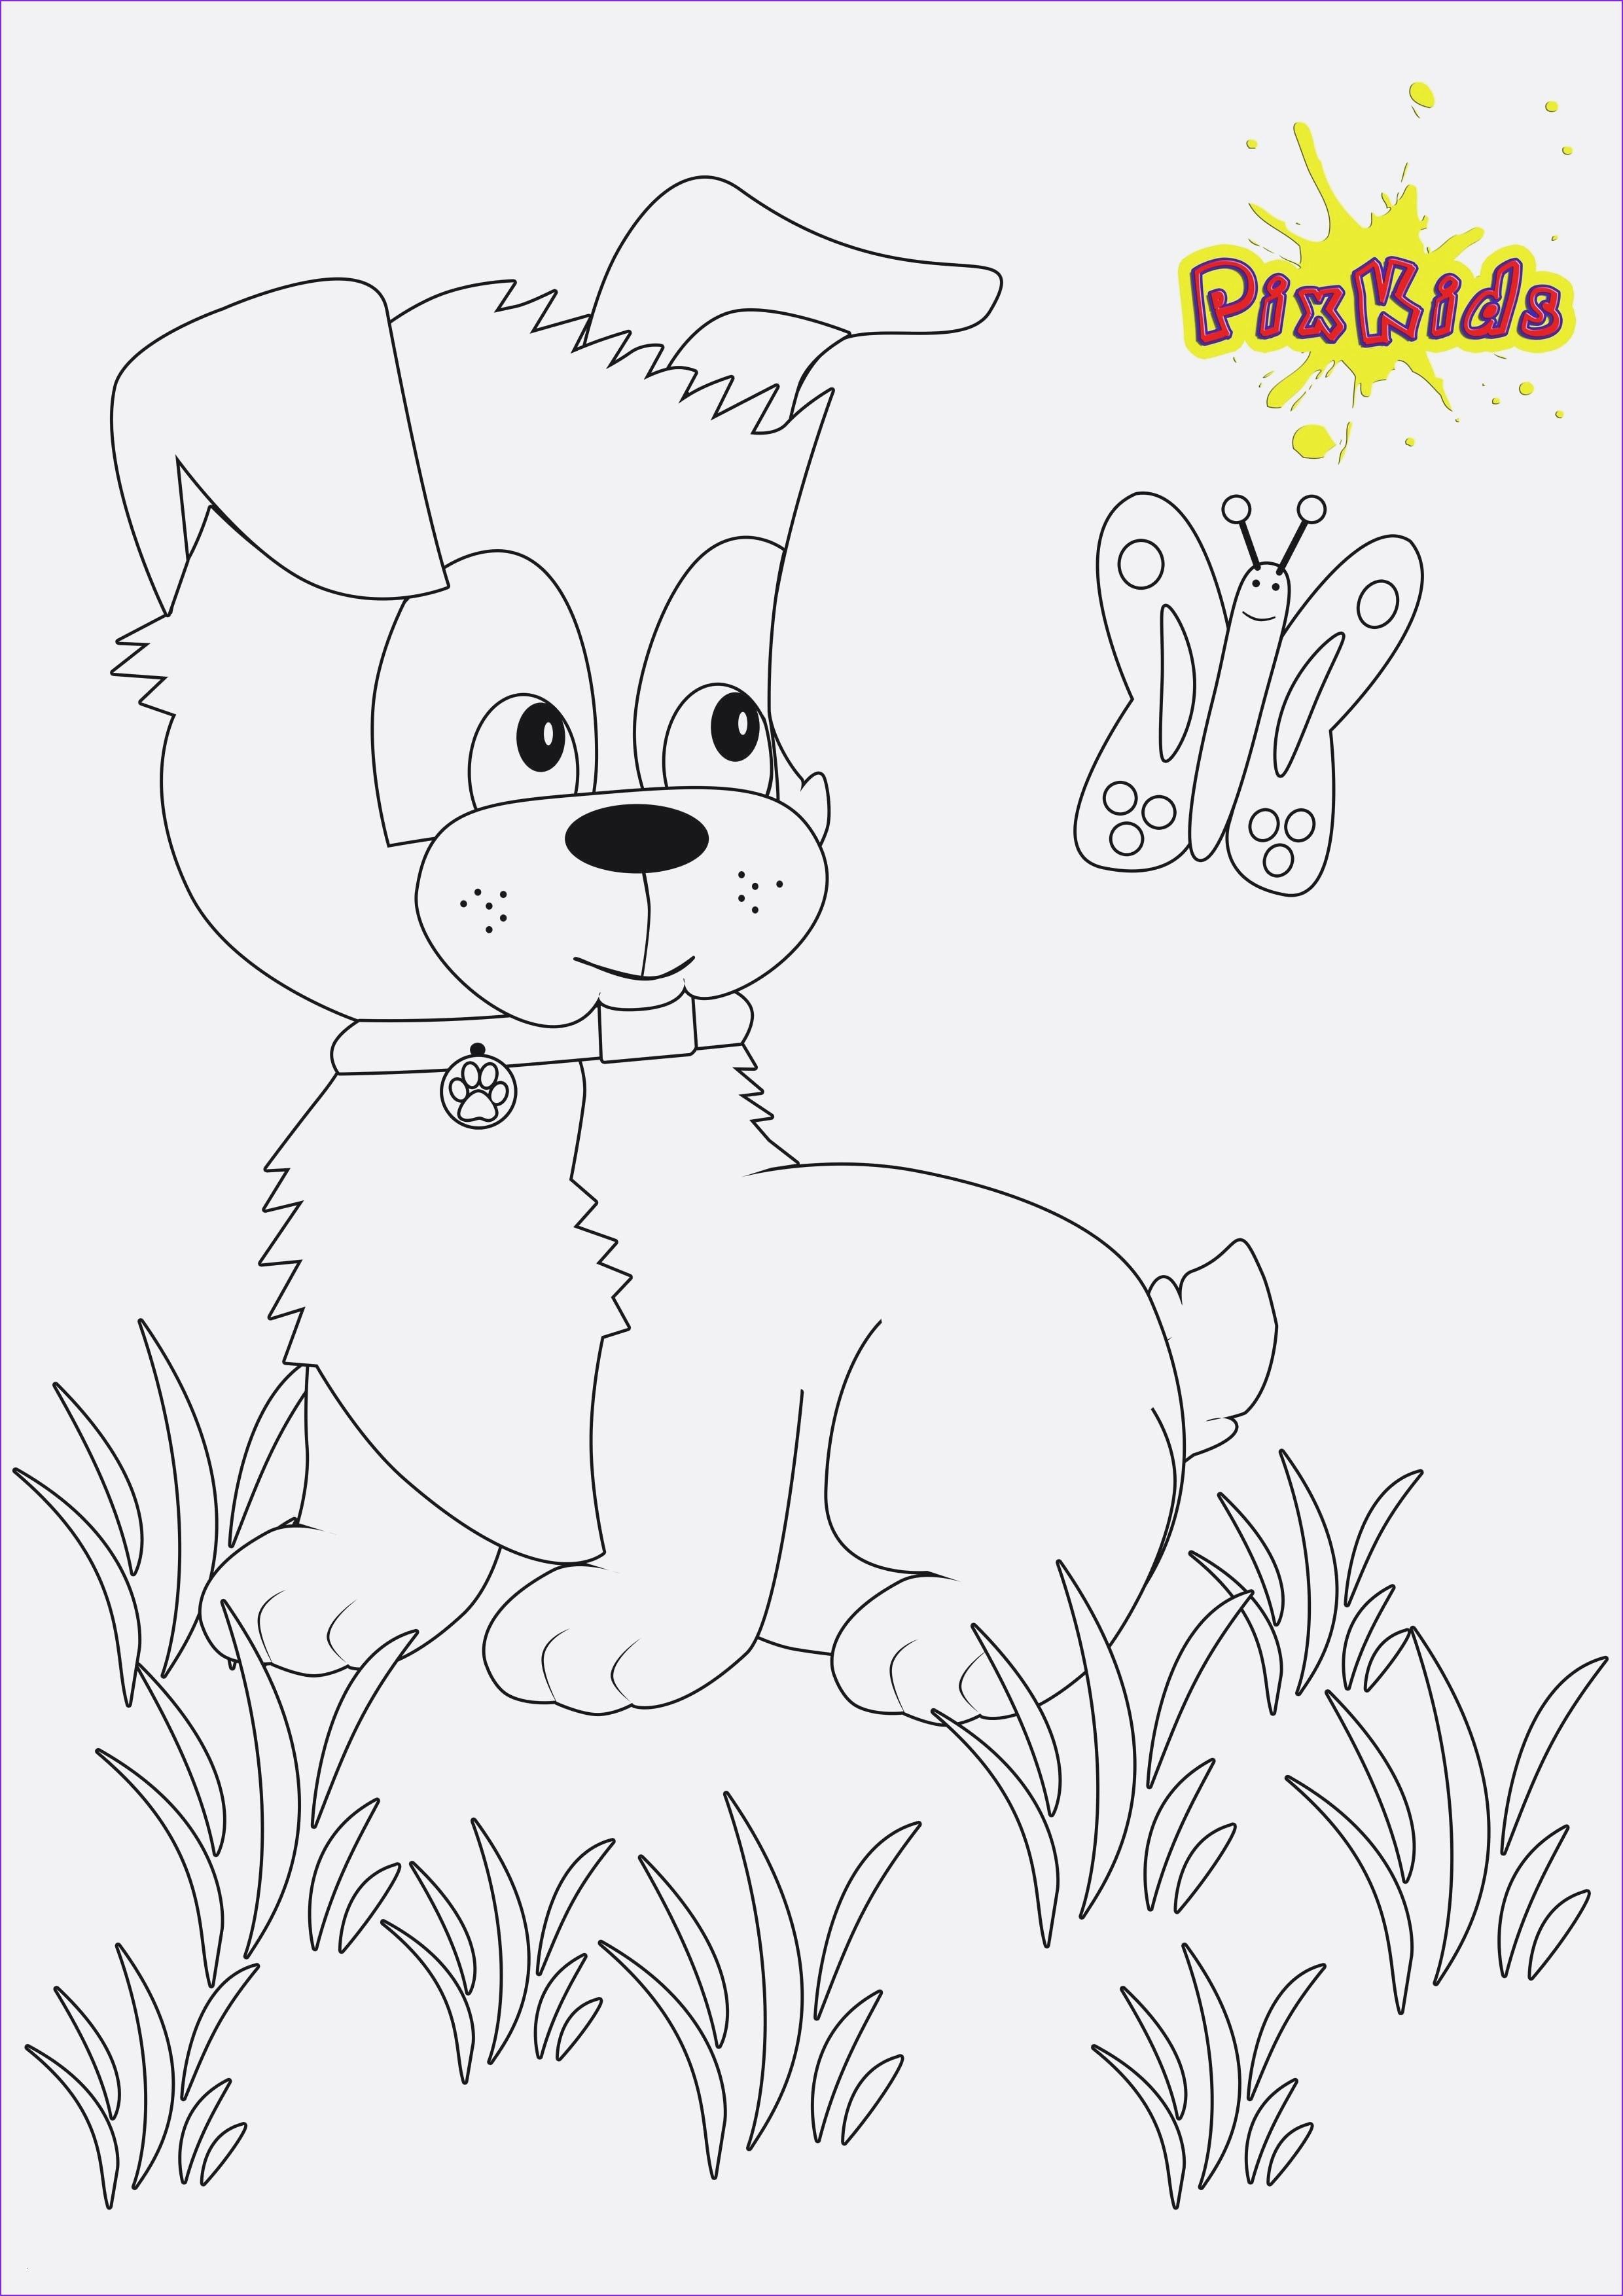 Ausmalbilder Winnie Pooh Und Seine Freunde Malvorlagen Frisch Aktuelle Angebote Genial Disney Ausmalbilder Eiskönigin Neu Winnie Bild